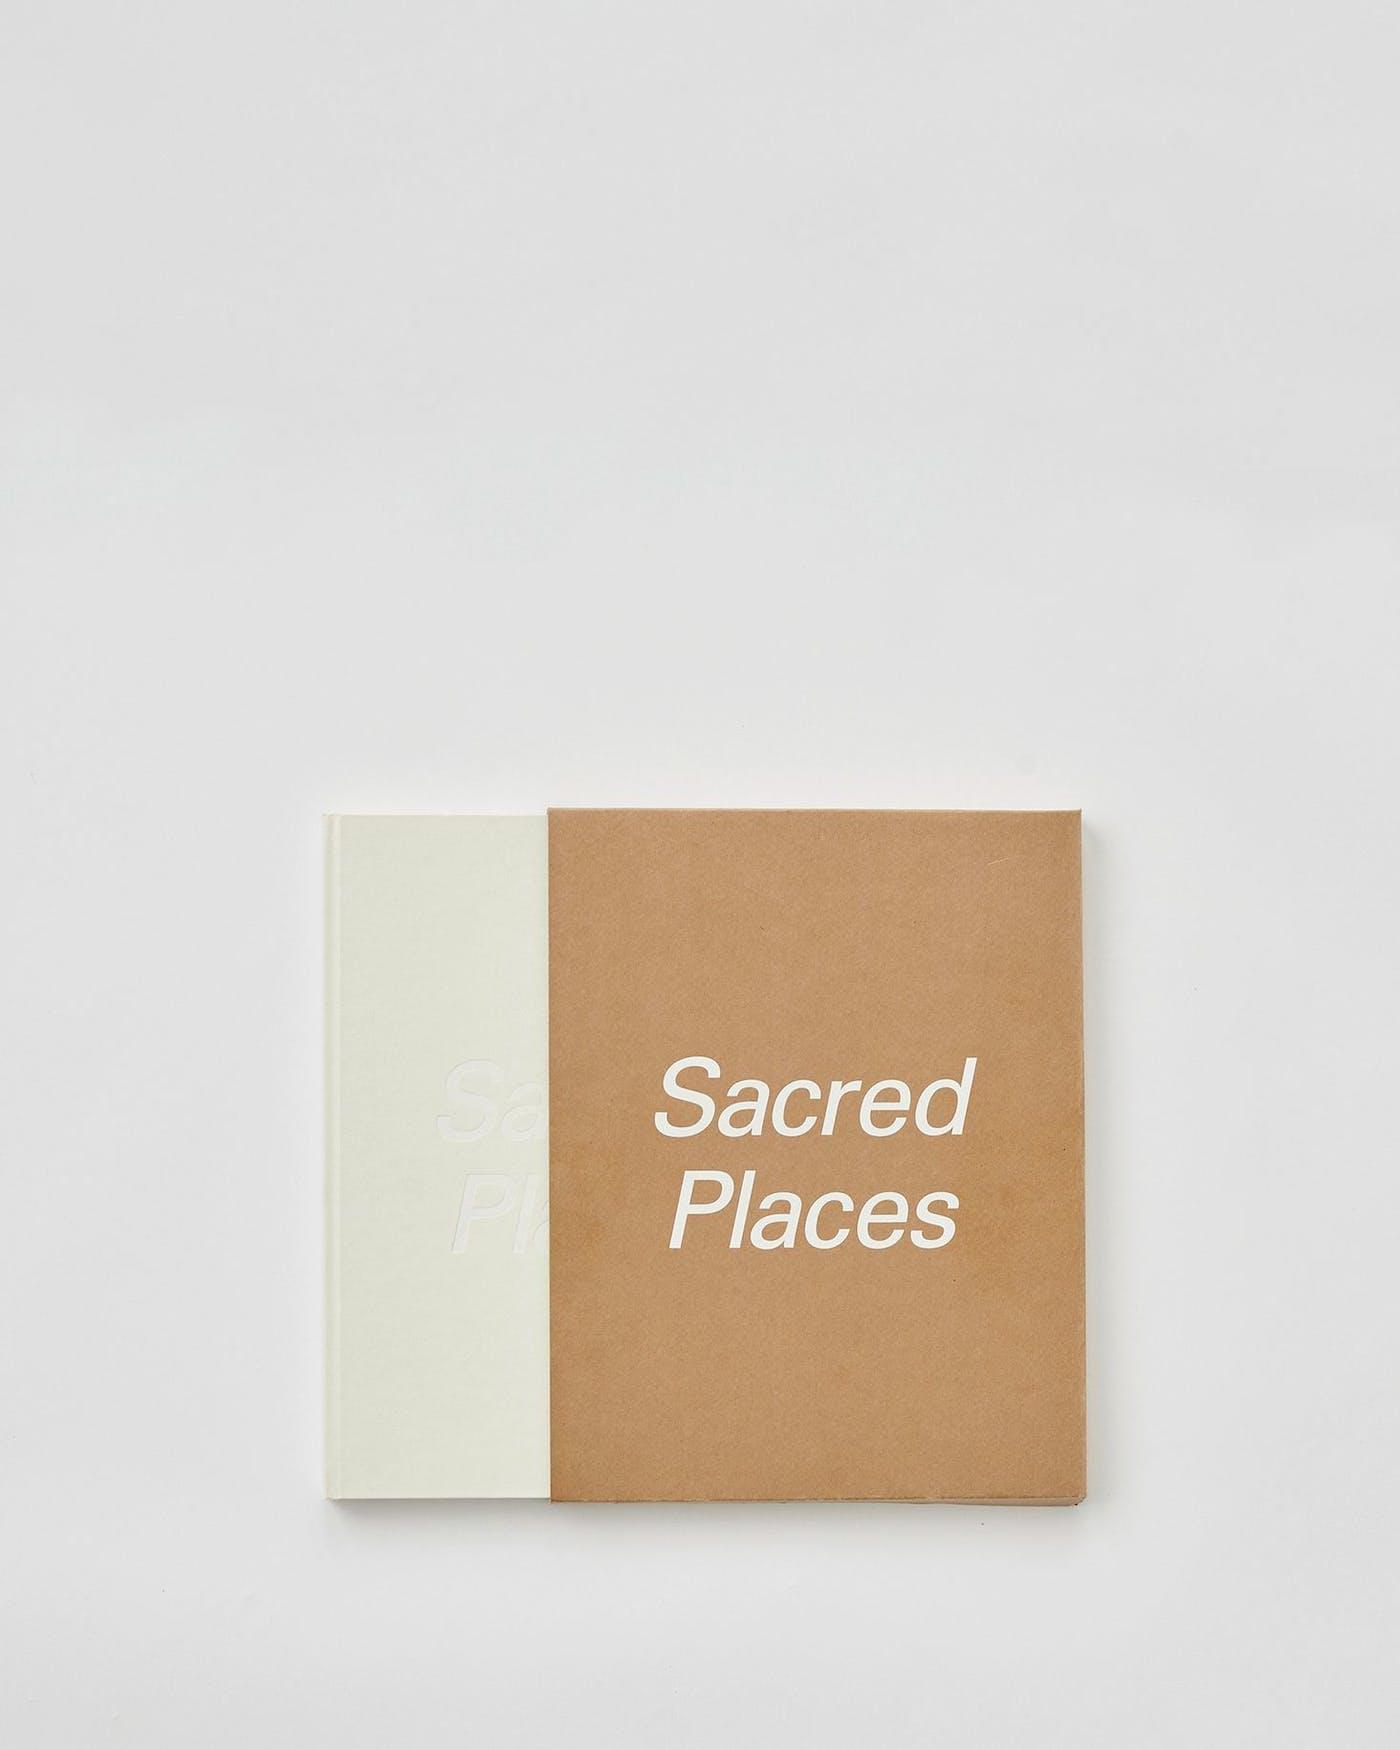 Sacred places Philip Messman 04